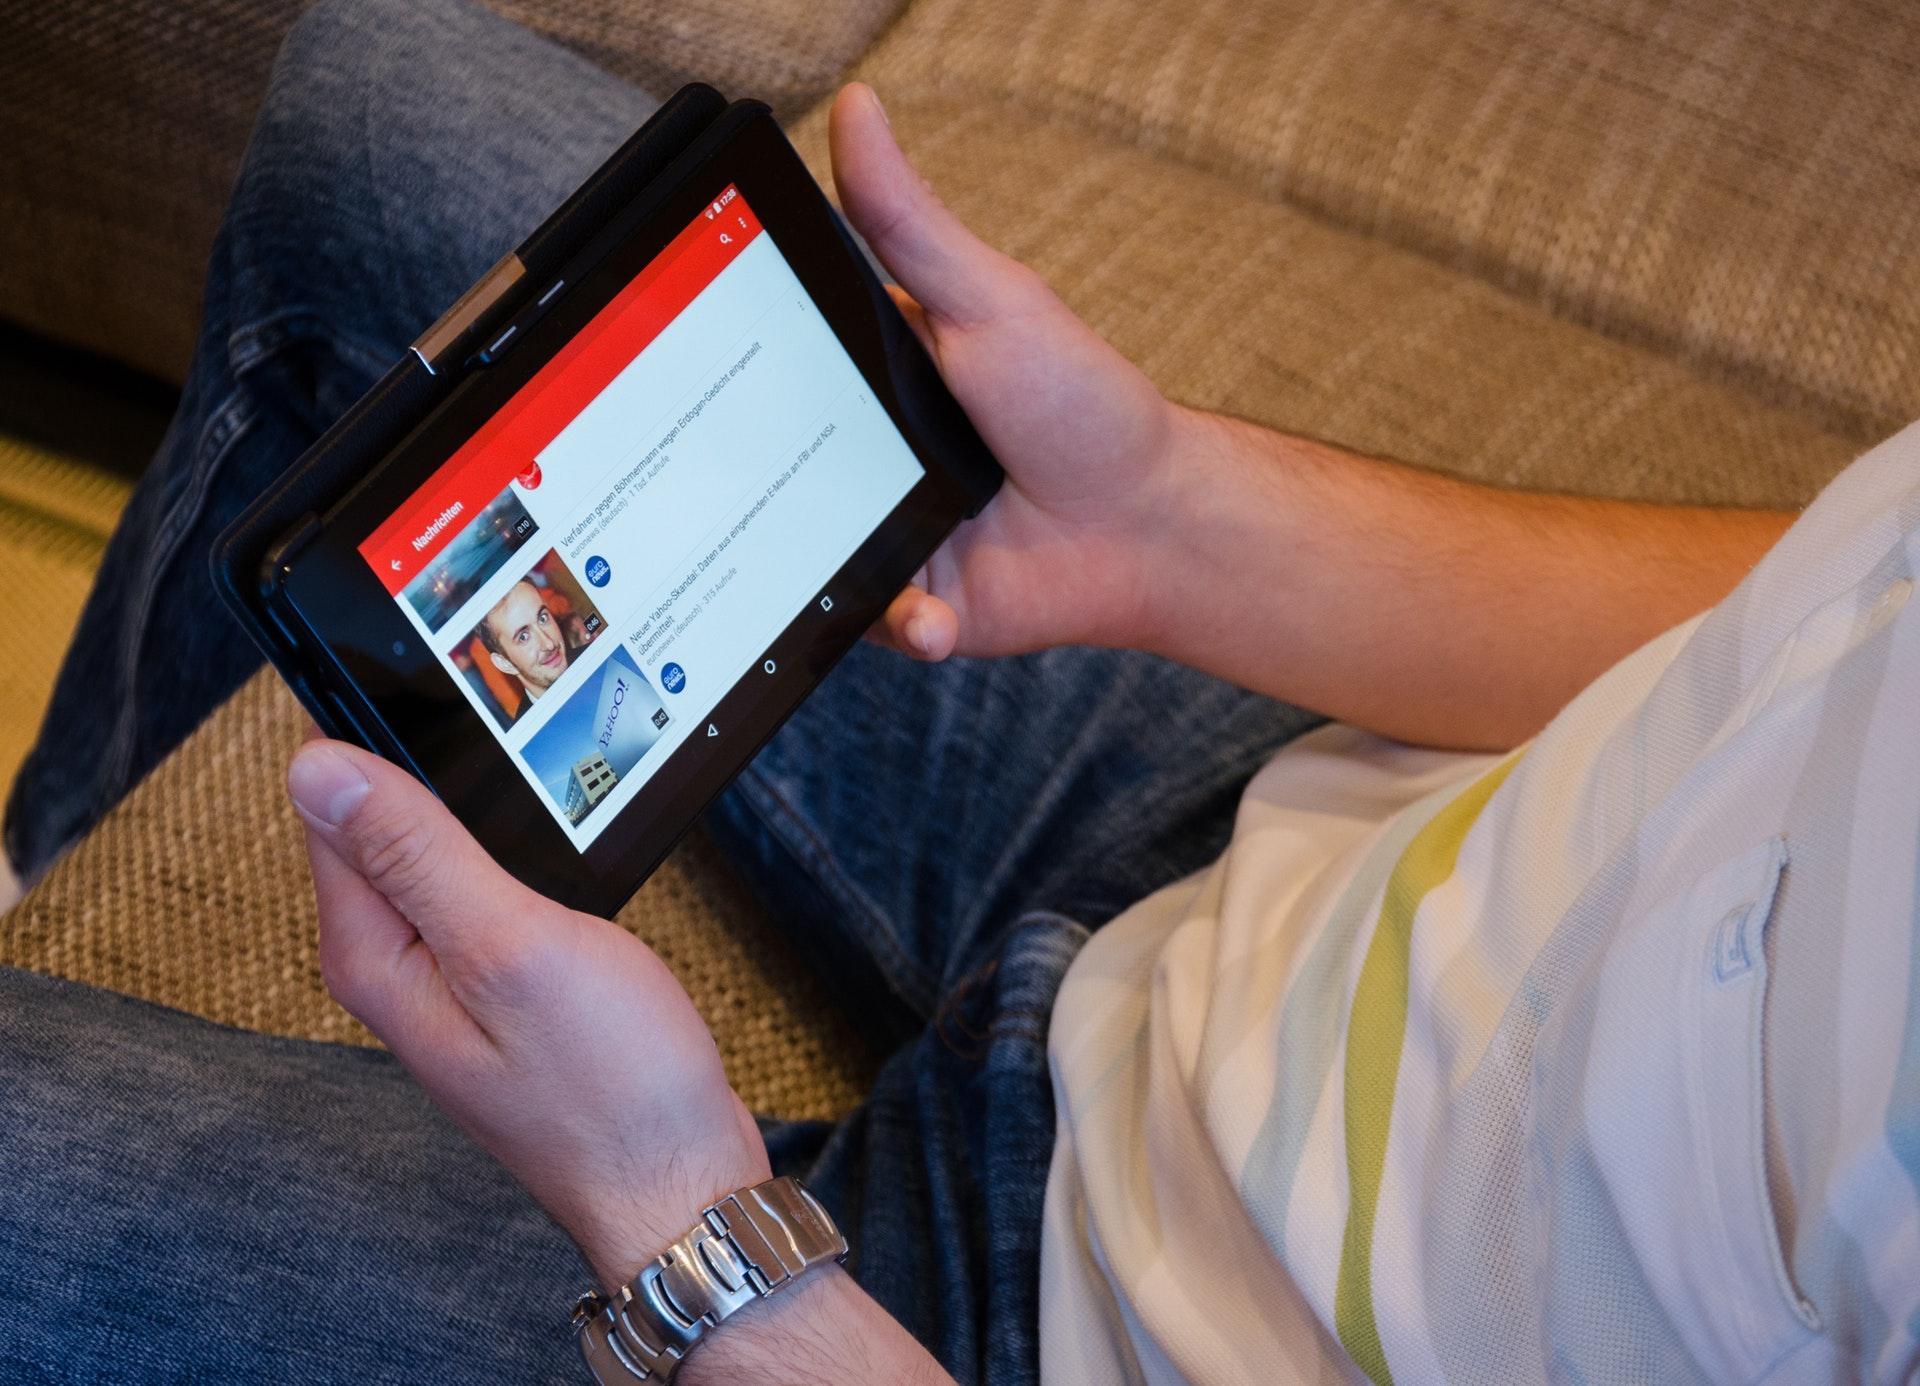 social-network-activities